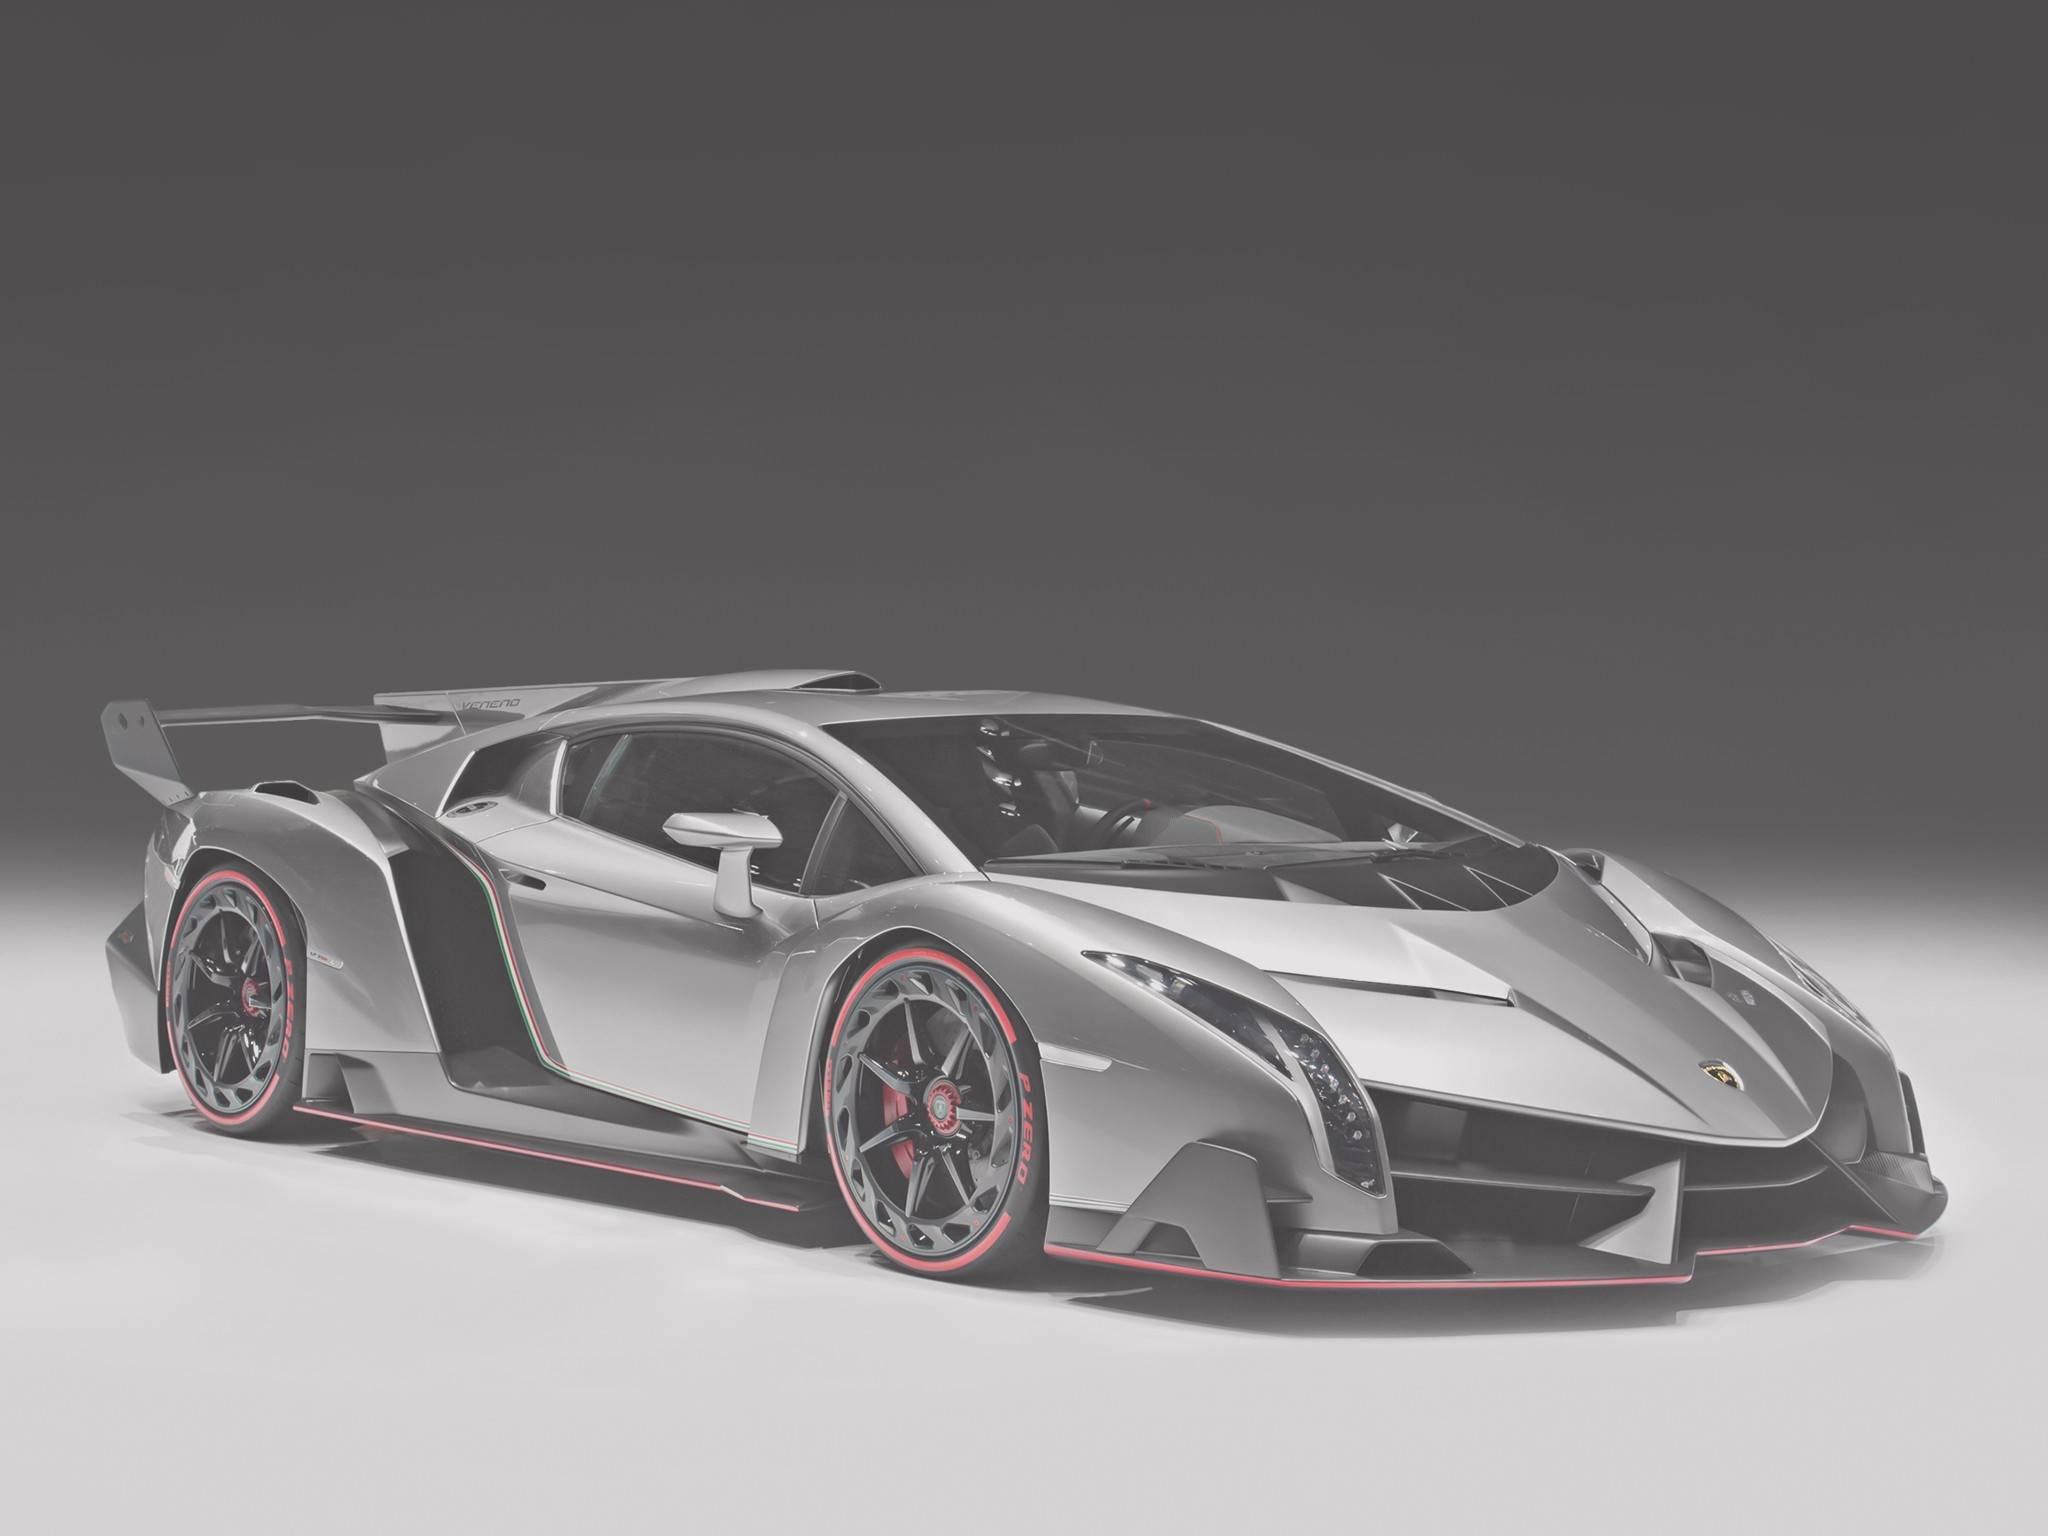 Auto Ausmalbilder Zum Ausdrucken Genial 25 Liebenswert Ausmalbilder Zum Ausdrucken Lamborghini Galerie